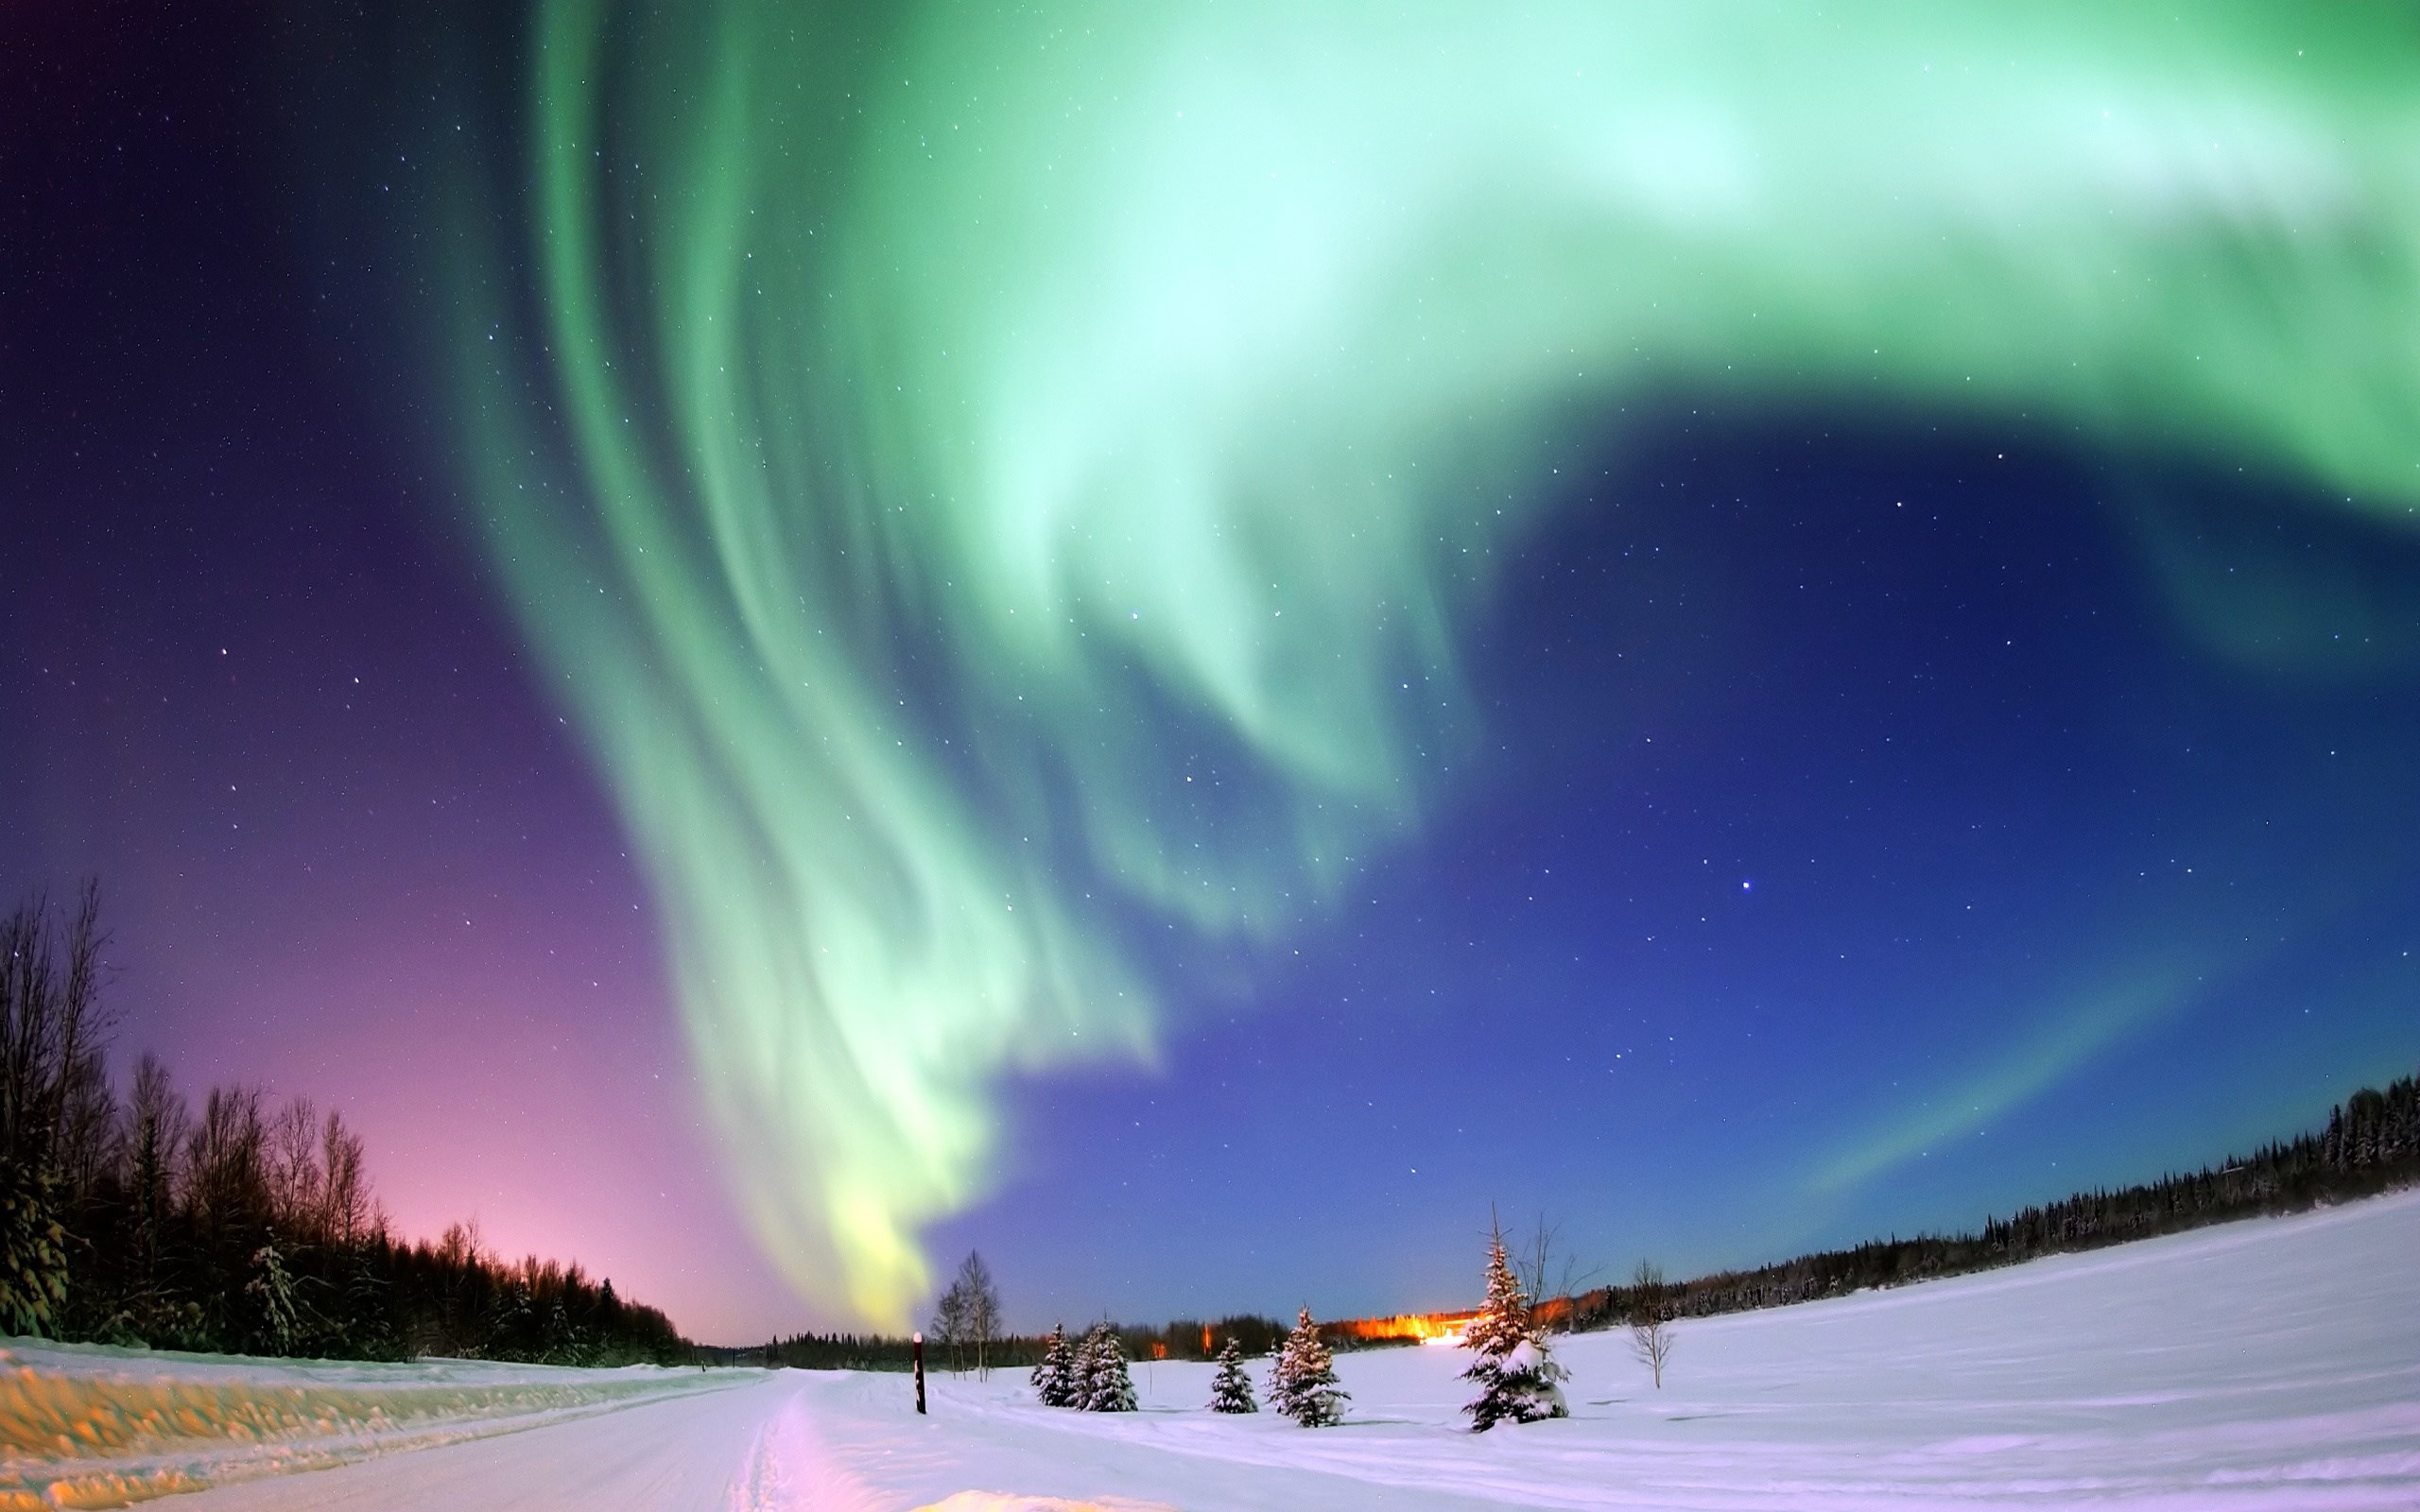 aurora borealis wallpaper [2560x1600]